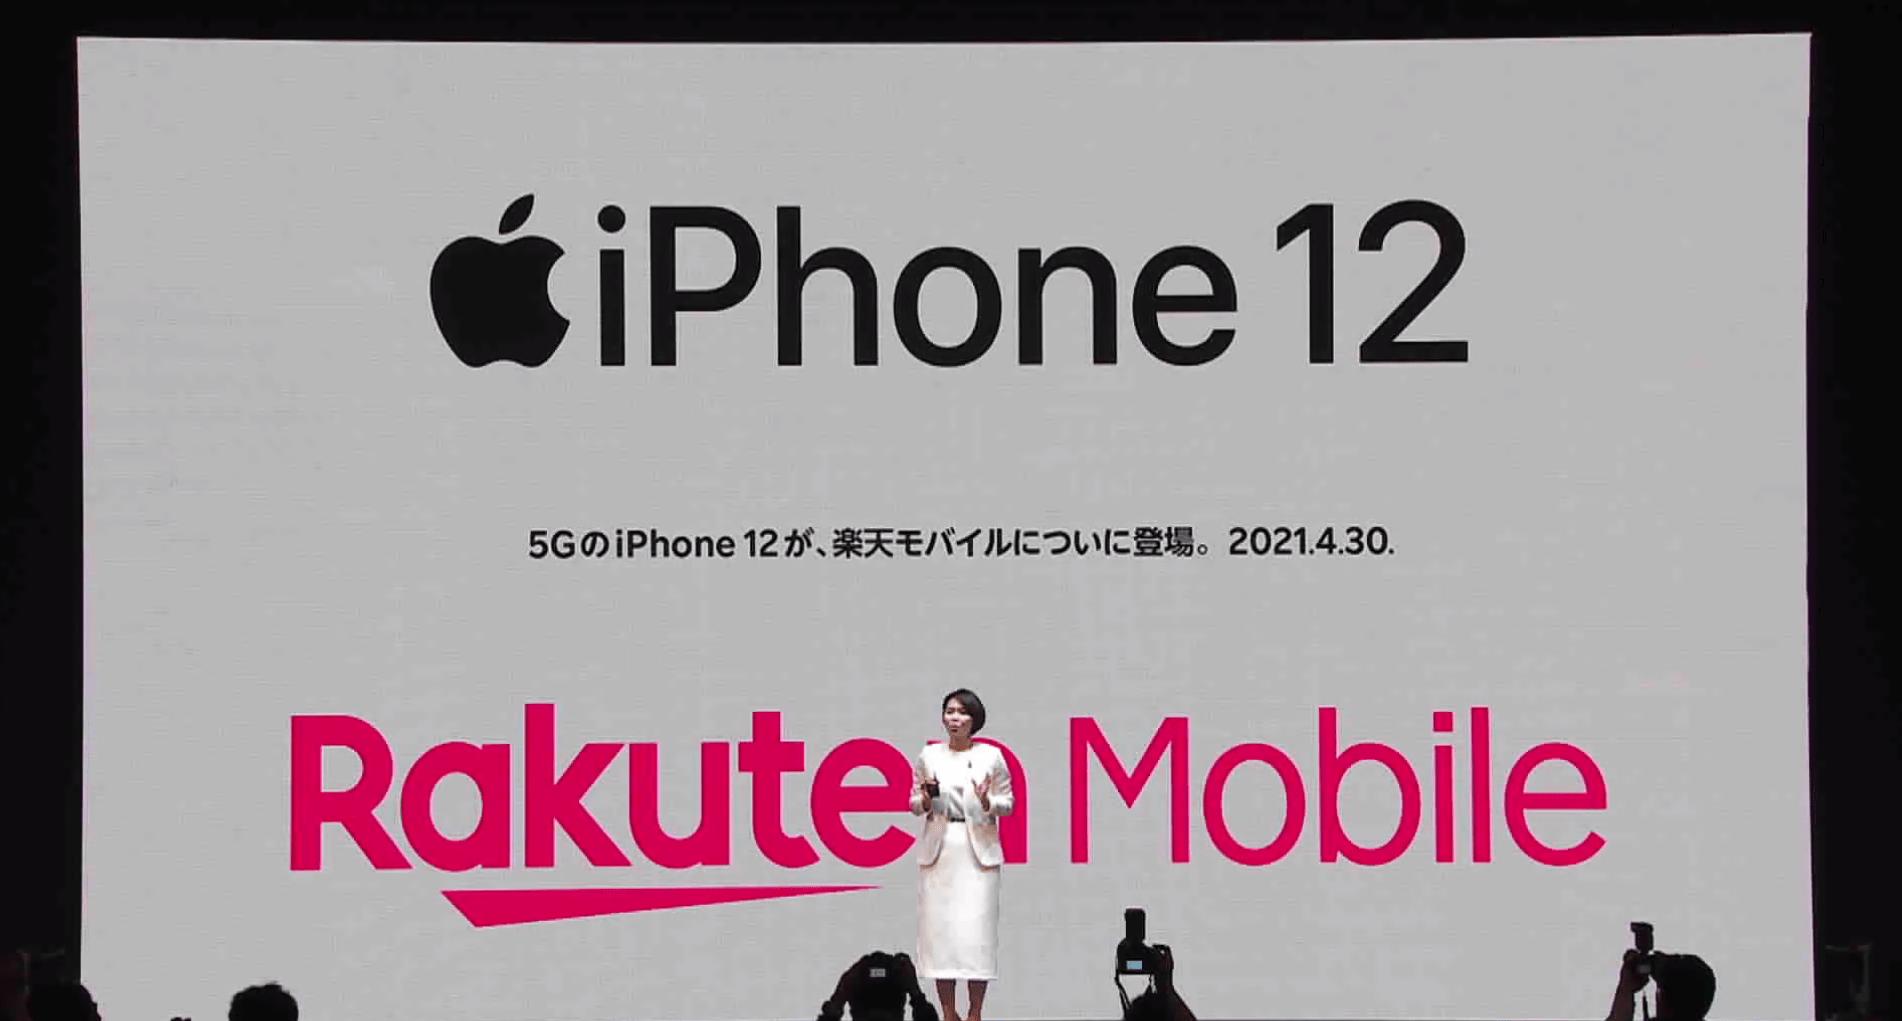 楽天モバイルがiOS 14.4以降搭載iPhone 6s以降の製品で楽天回線対応を表明